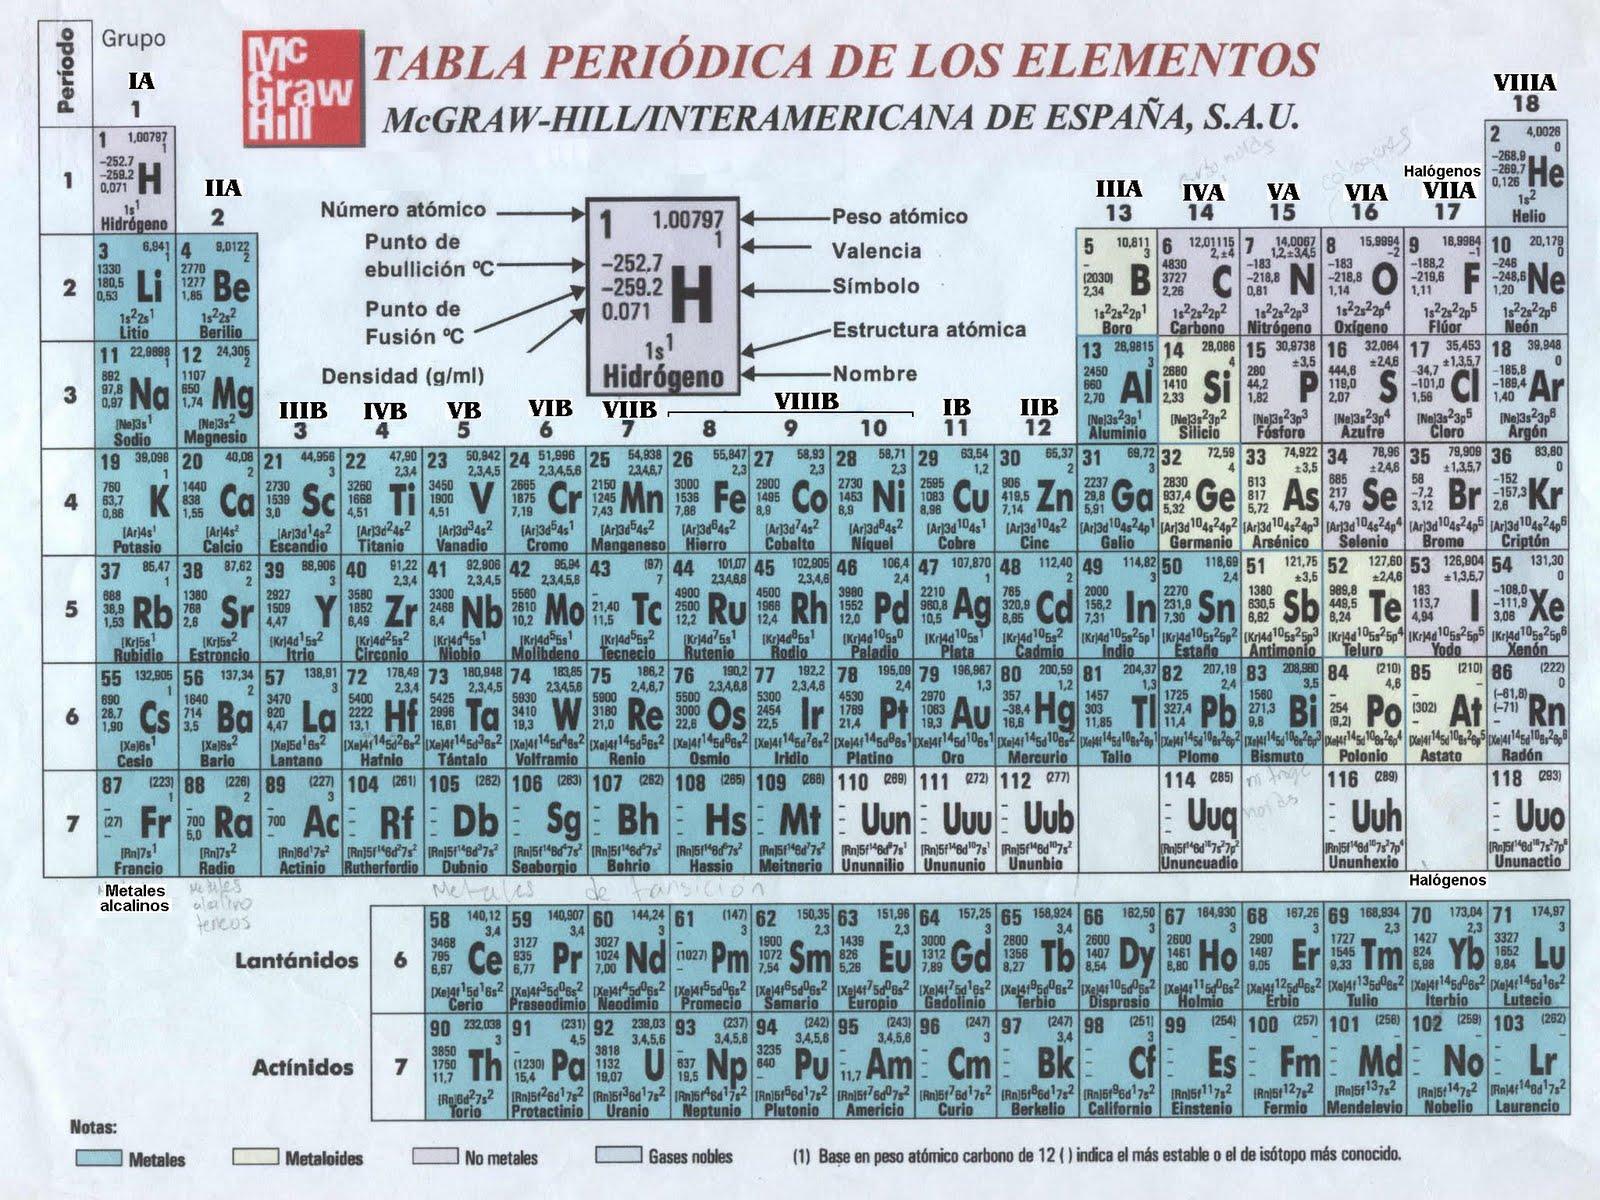 Tabla peri dica de los elementos wikipedia la tabla periodica pdf tabla periodica urtaz Choice Image